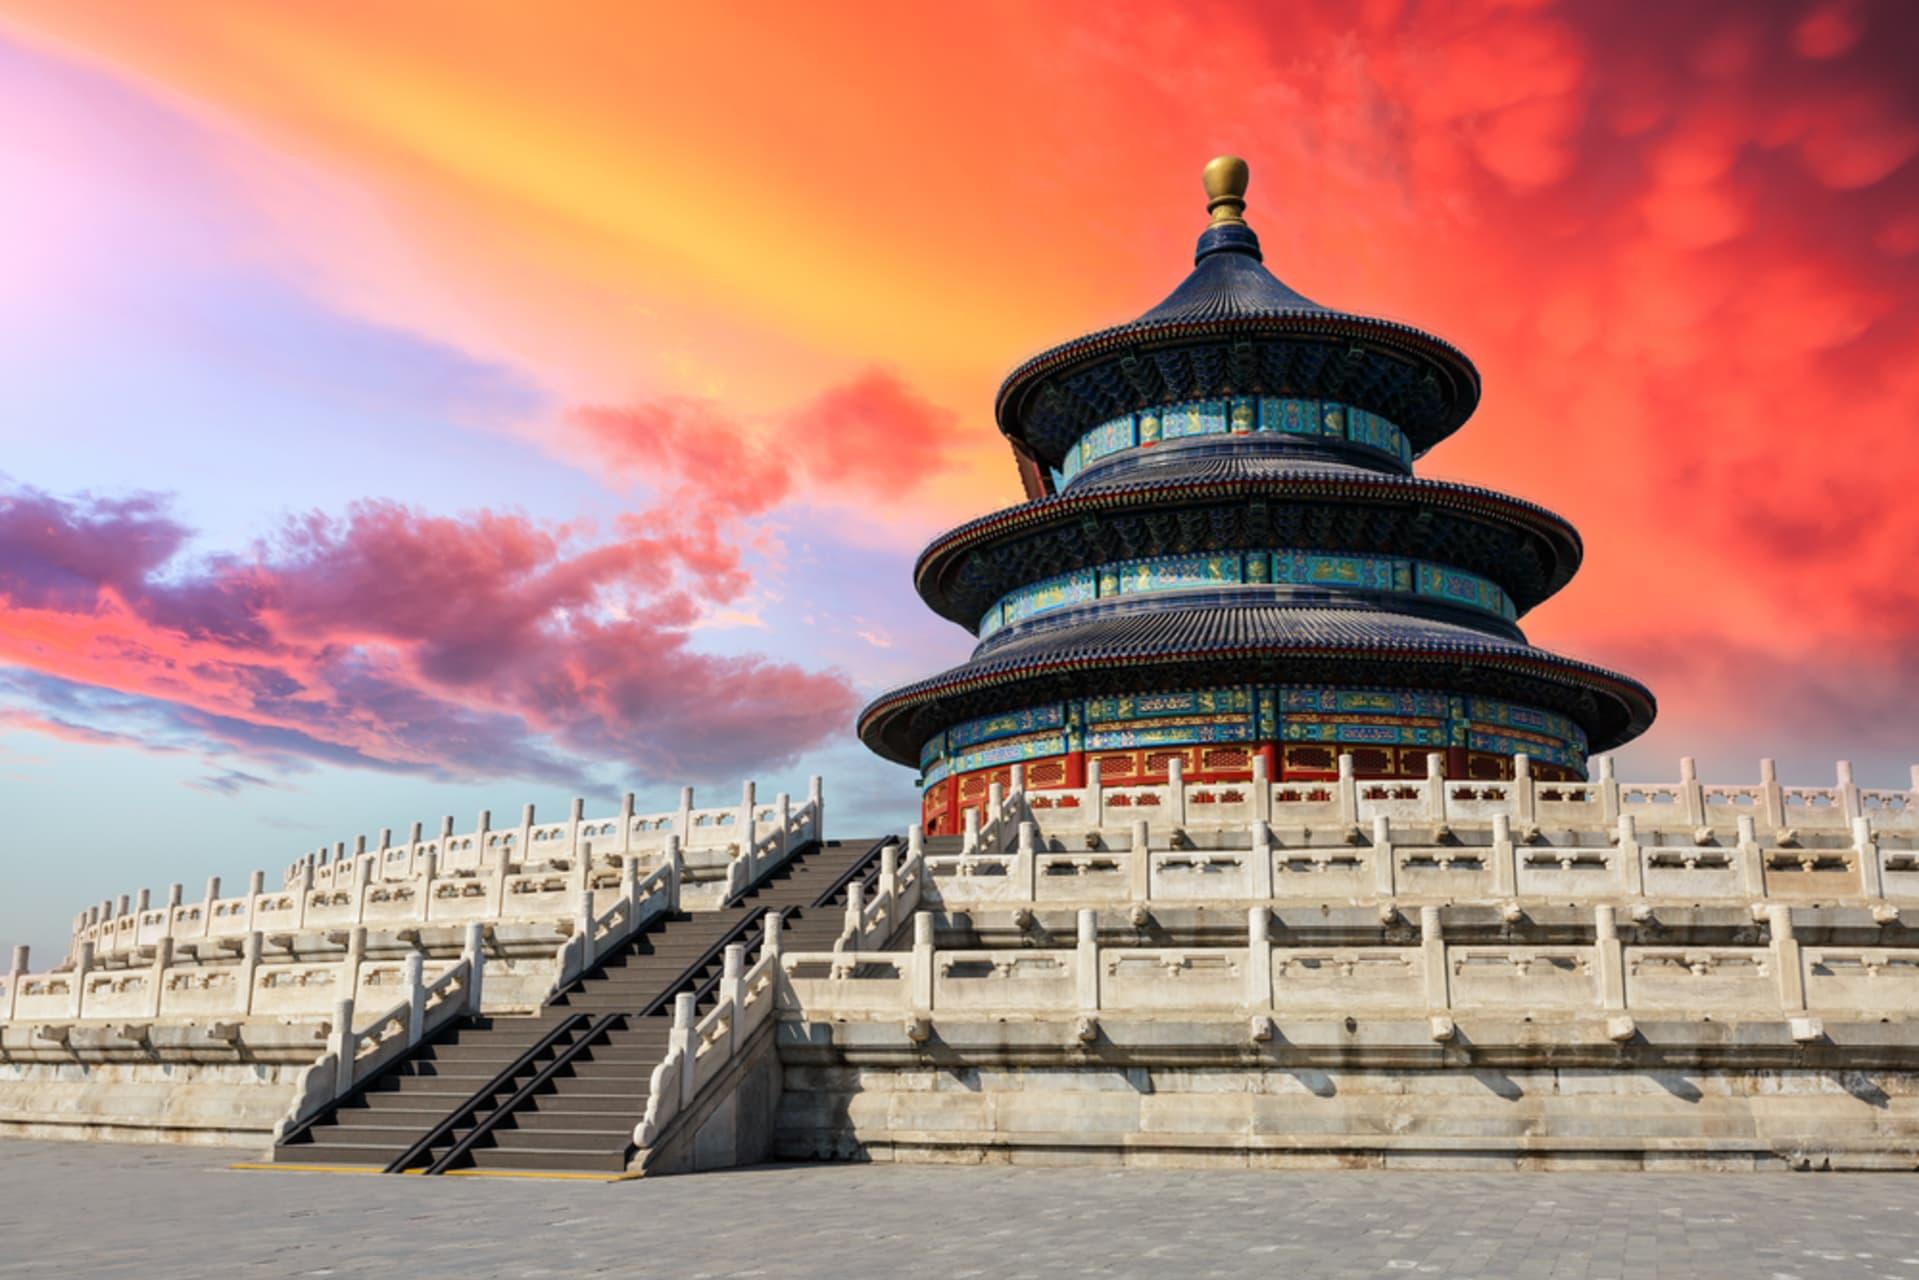 Beijing - The Temple of Heaven Park: Historical Imperial Harvest Shrine